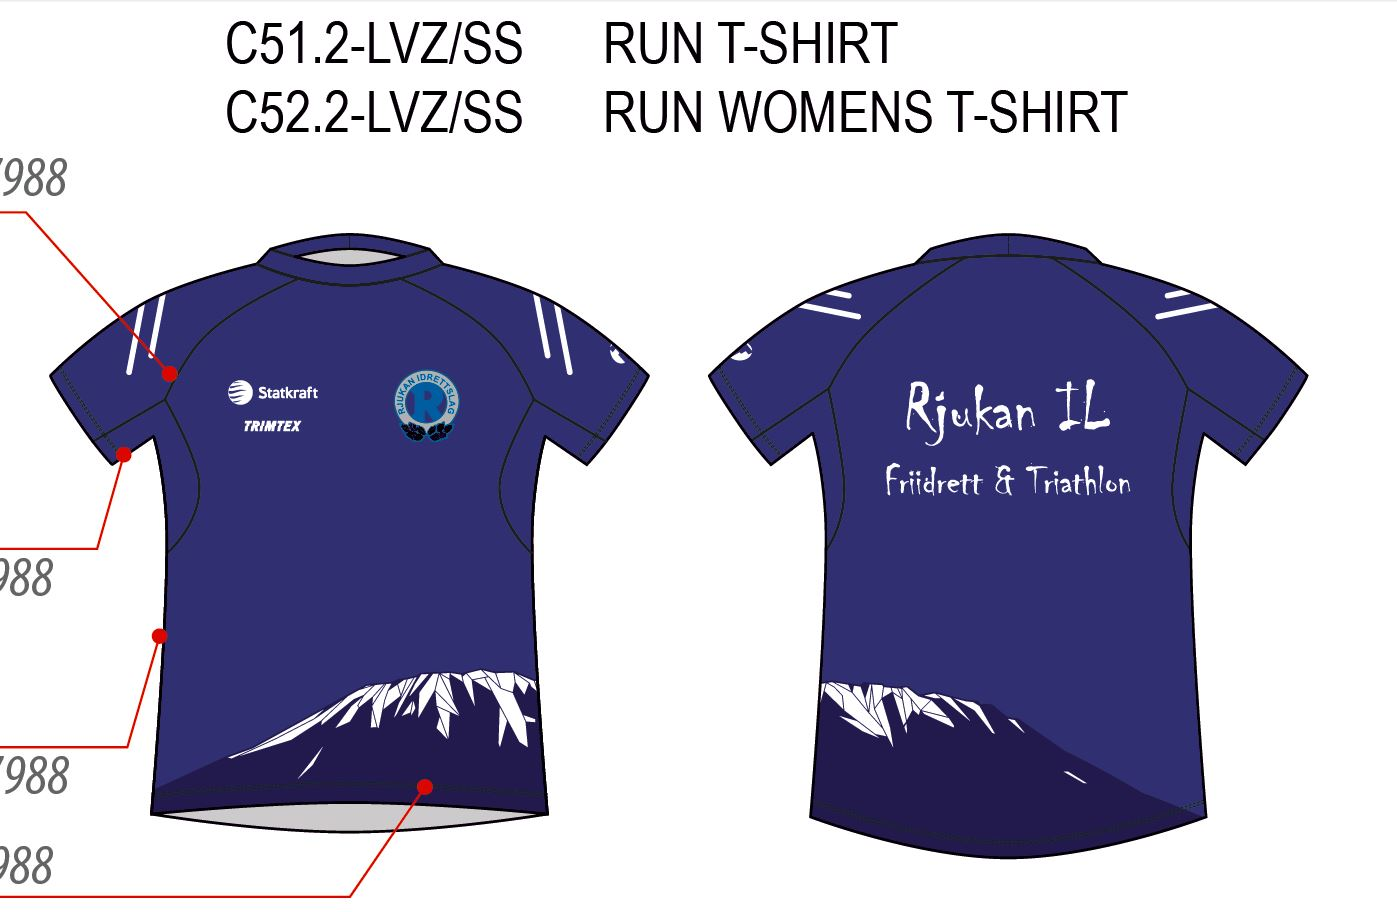 Design - T-shirt